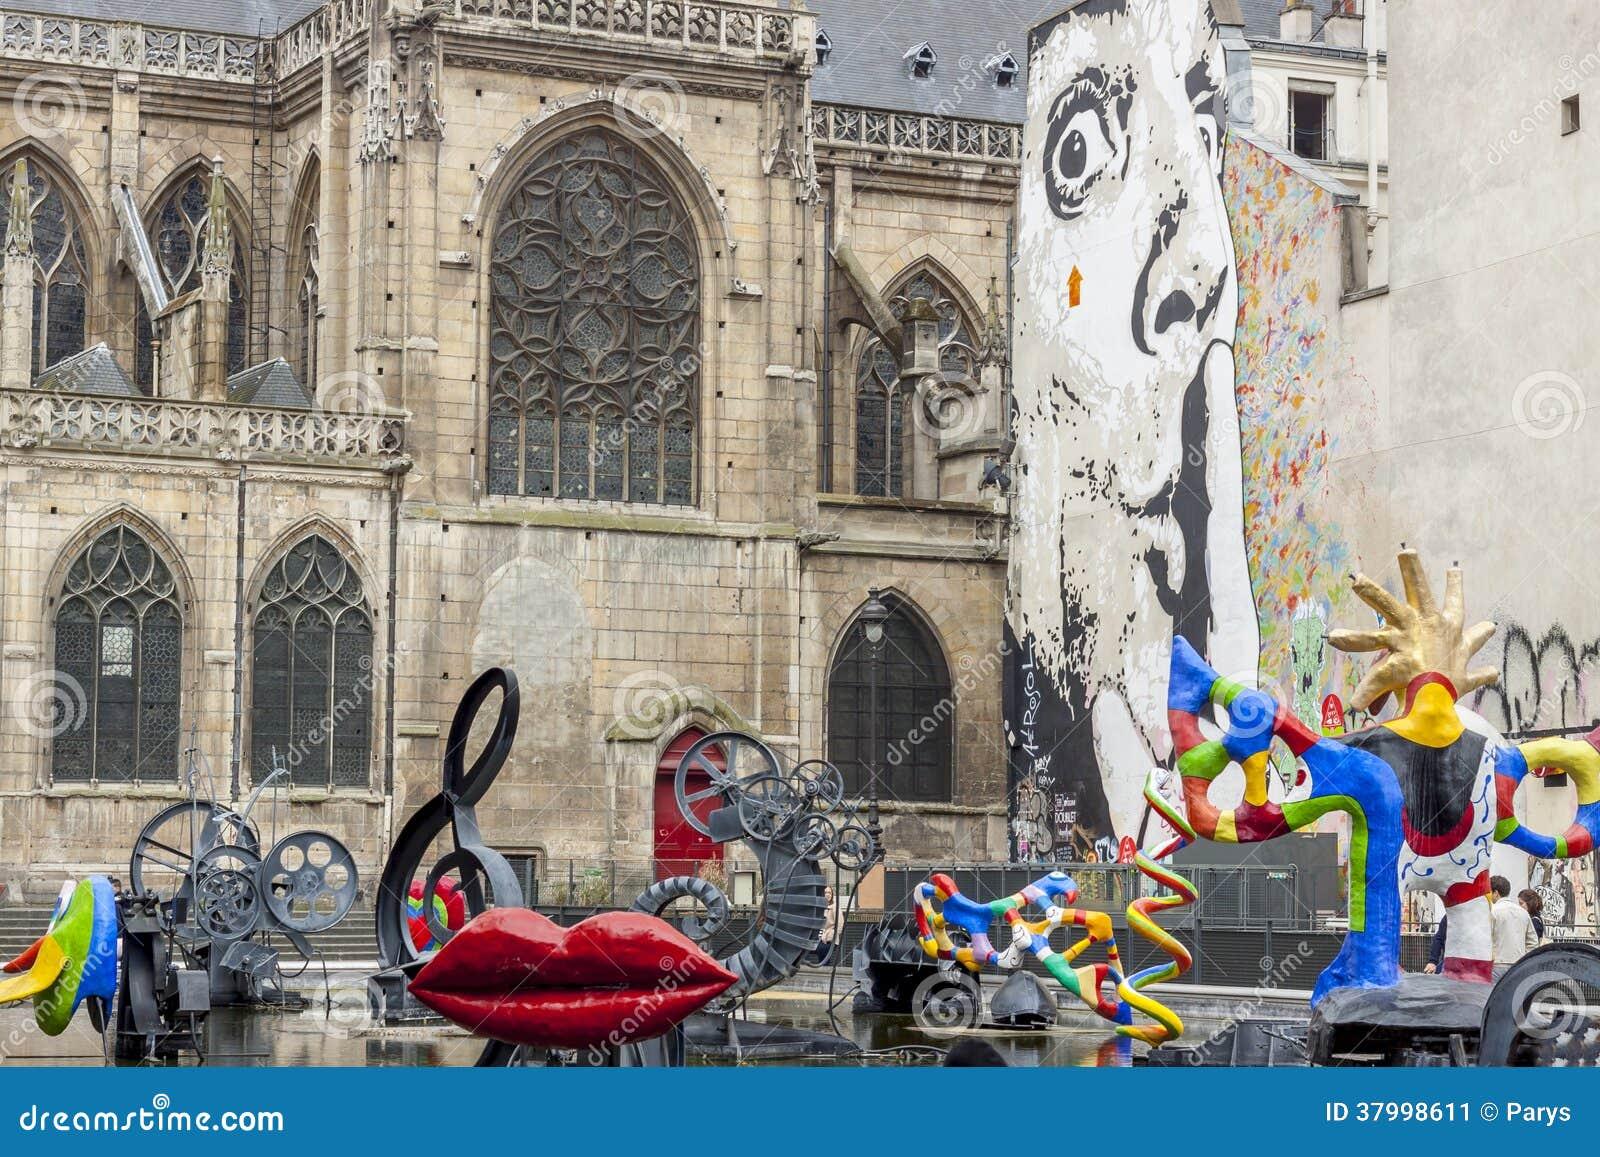 Stravinsky fontanna - Paryż, Francja